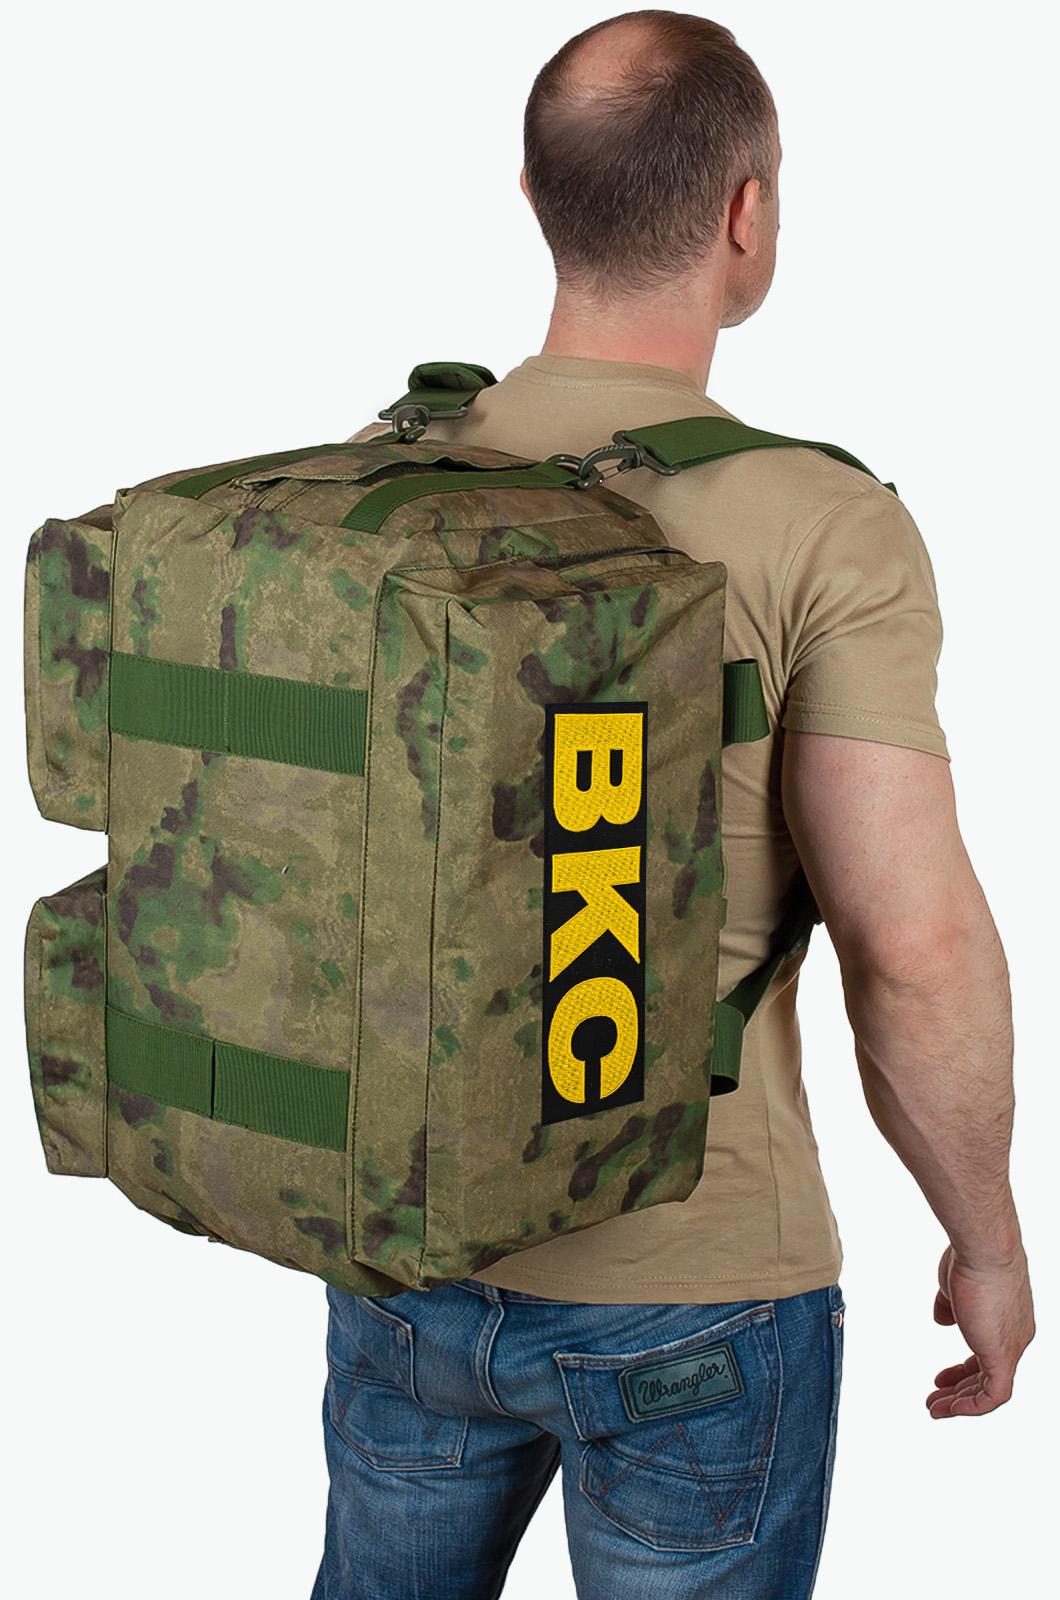 Купить военную походную сумку с нашивкой ВКС по лучшей цене онлайн